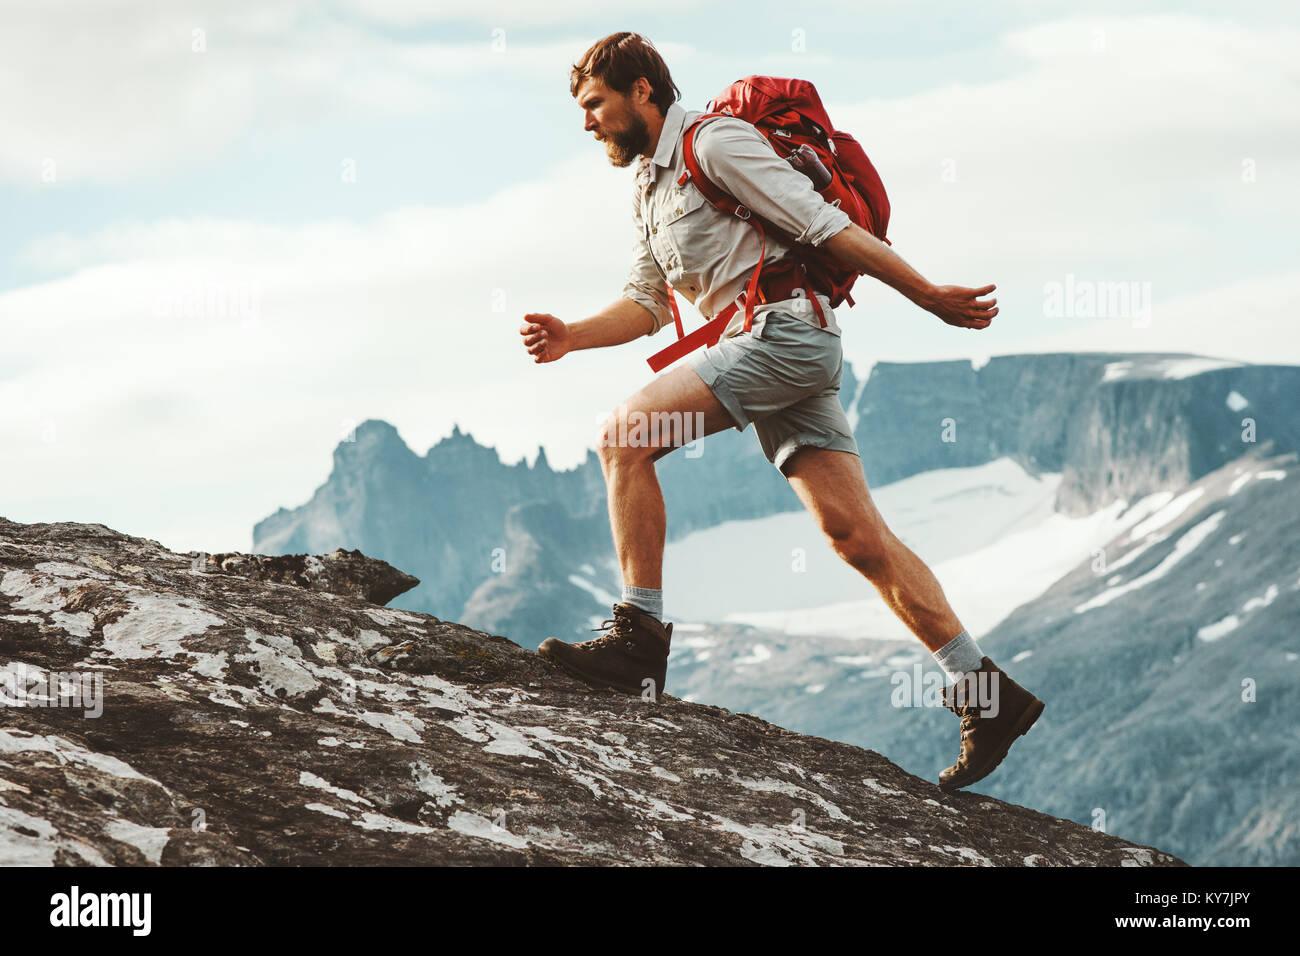 Hombre aventurero skyrunning en montañas con mochila de senderismo Viajes Noruega concepto de estilo de vida Imagen De Stock